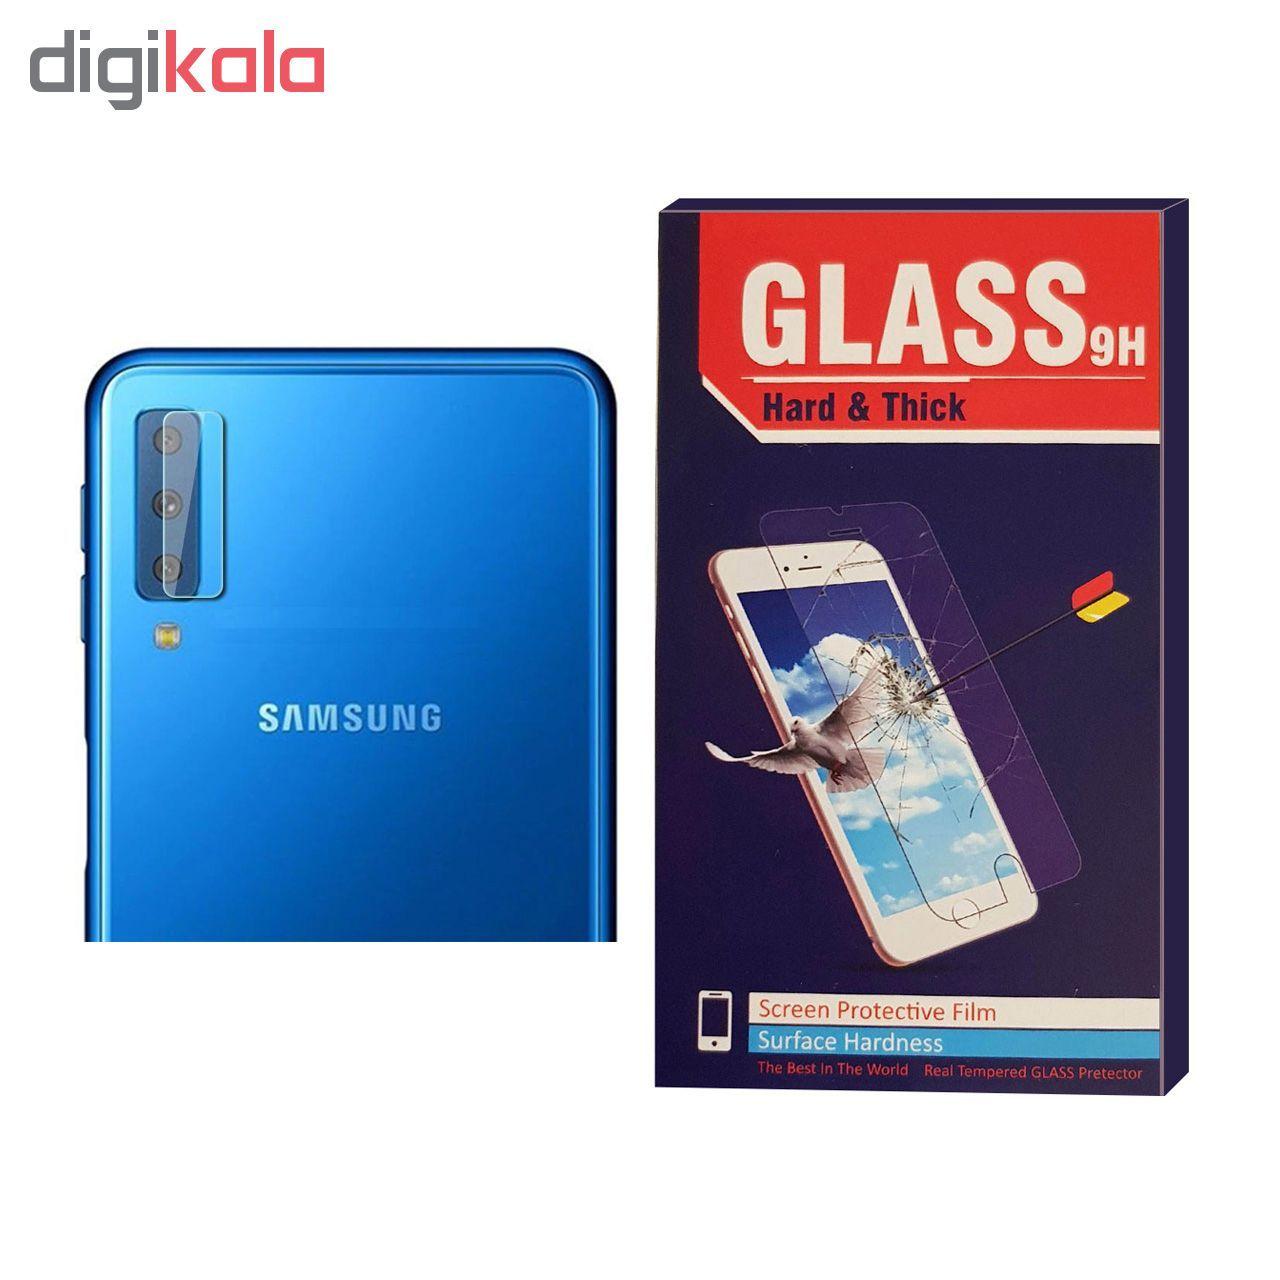 محافظ لنز دوربین Hard and thick مدل G-004 مناسب برای گوشی موبایل سامسونگ Galaxy A7 2018 main 1 1